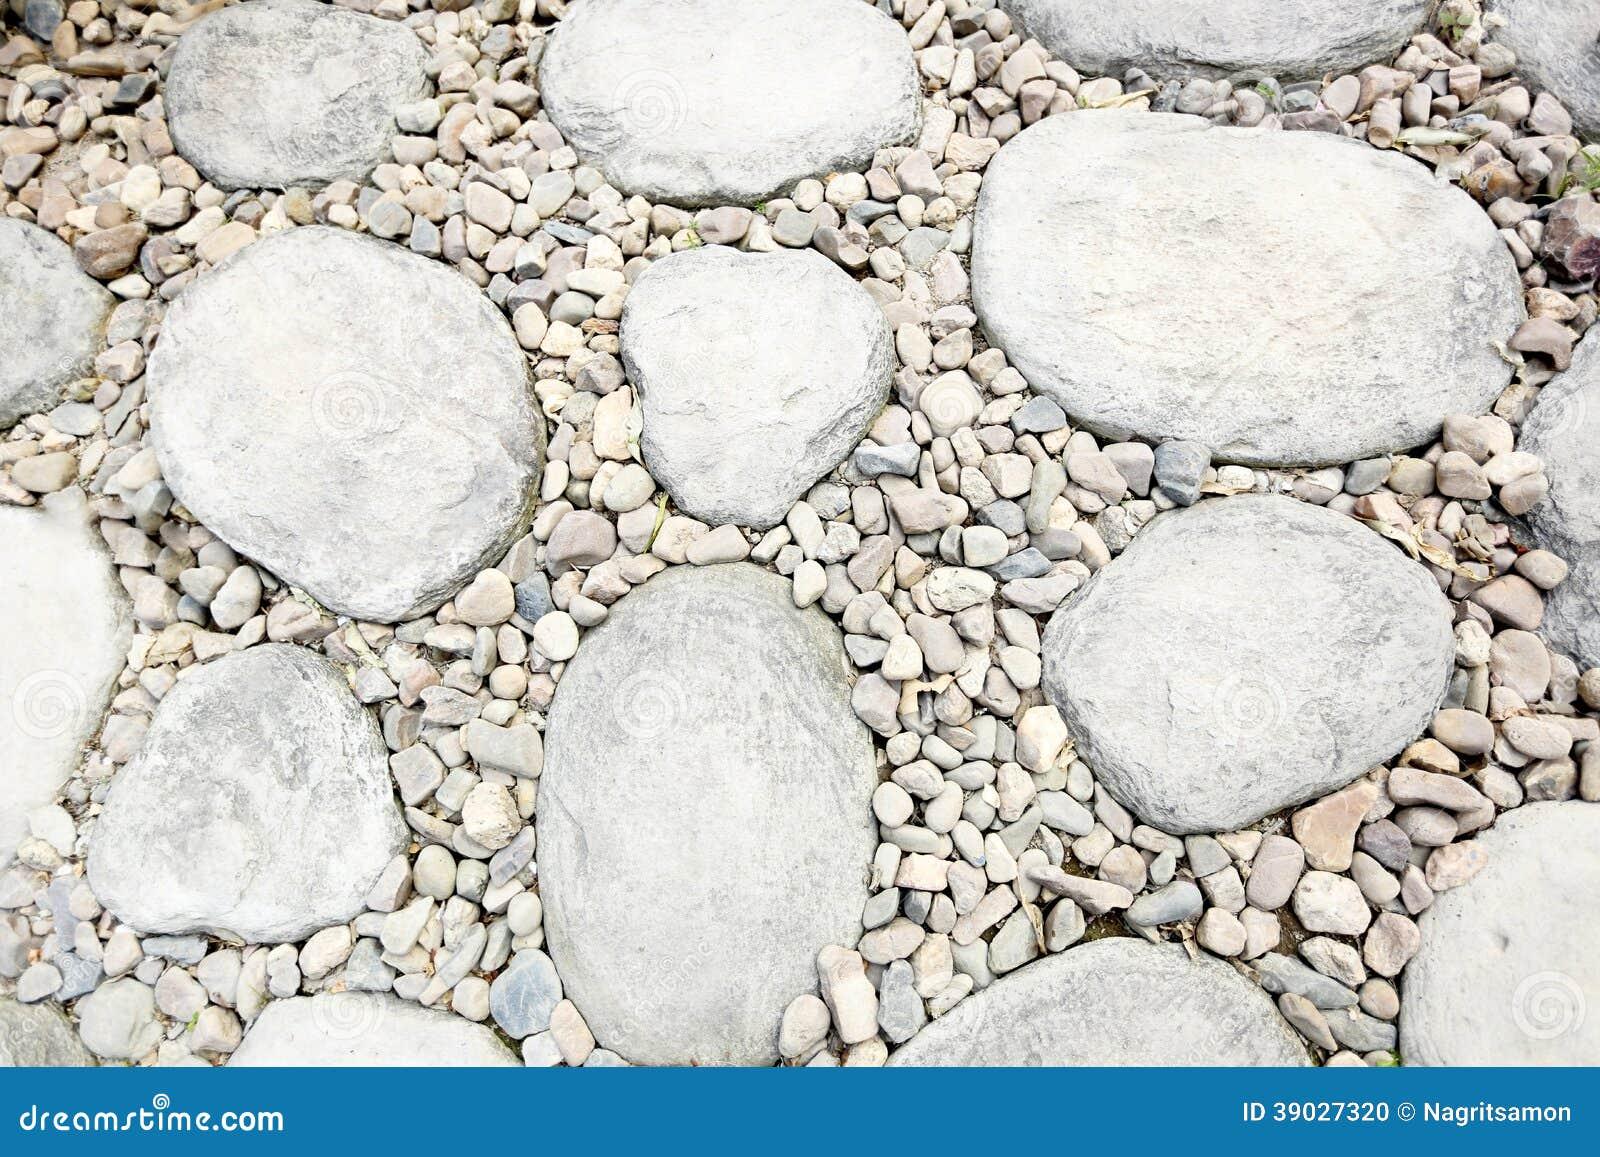 pedra jardim caminho:Textura De Pedra Do Caminho No Jardim De Pedra Foto de Stock – Imagem